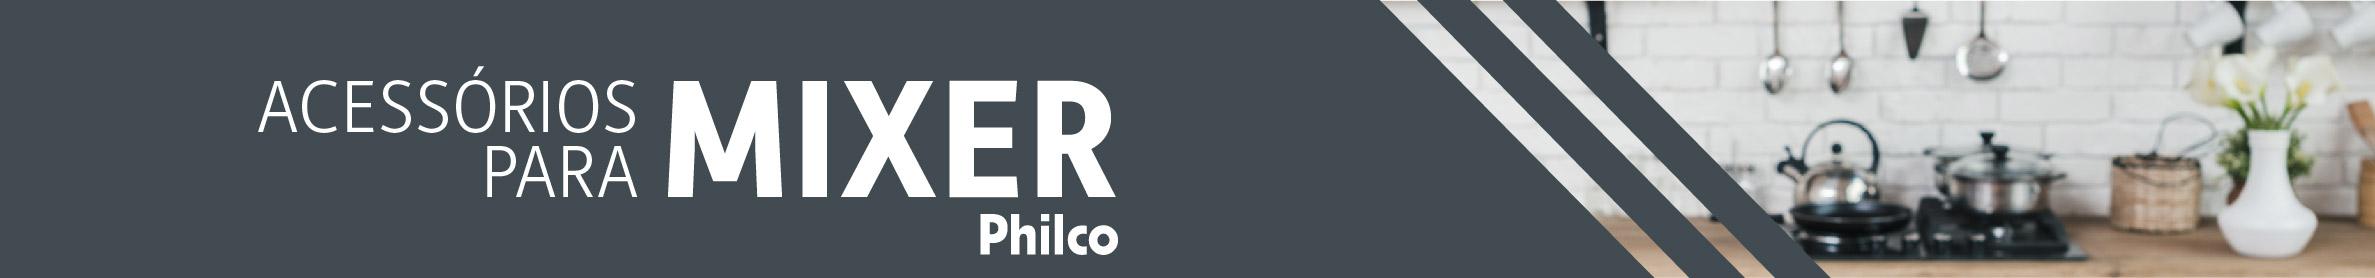 Mixer-philco